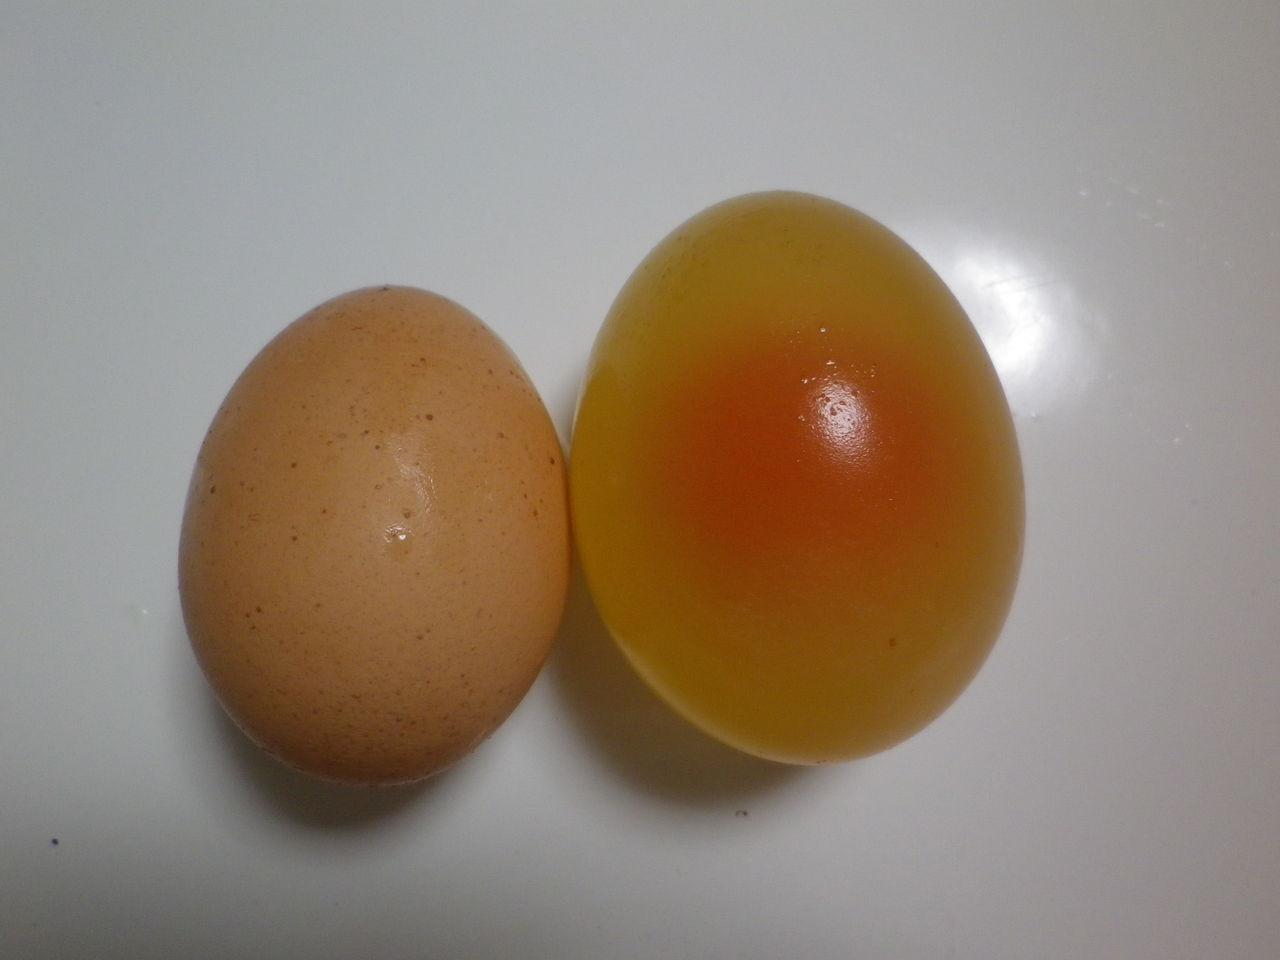 を 自由 酢 卵 研究 お に つける